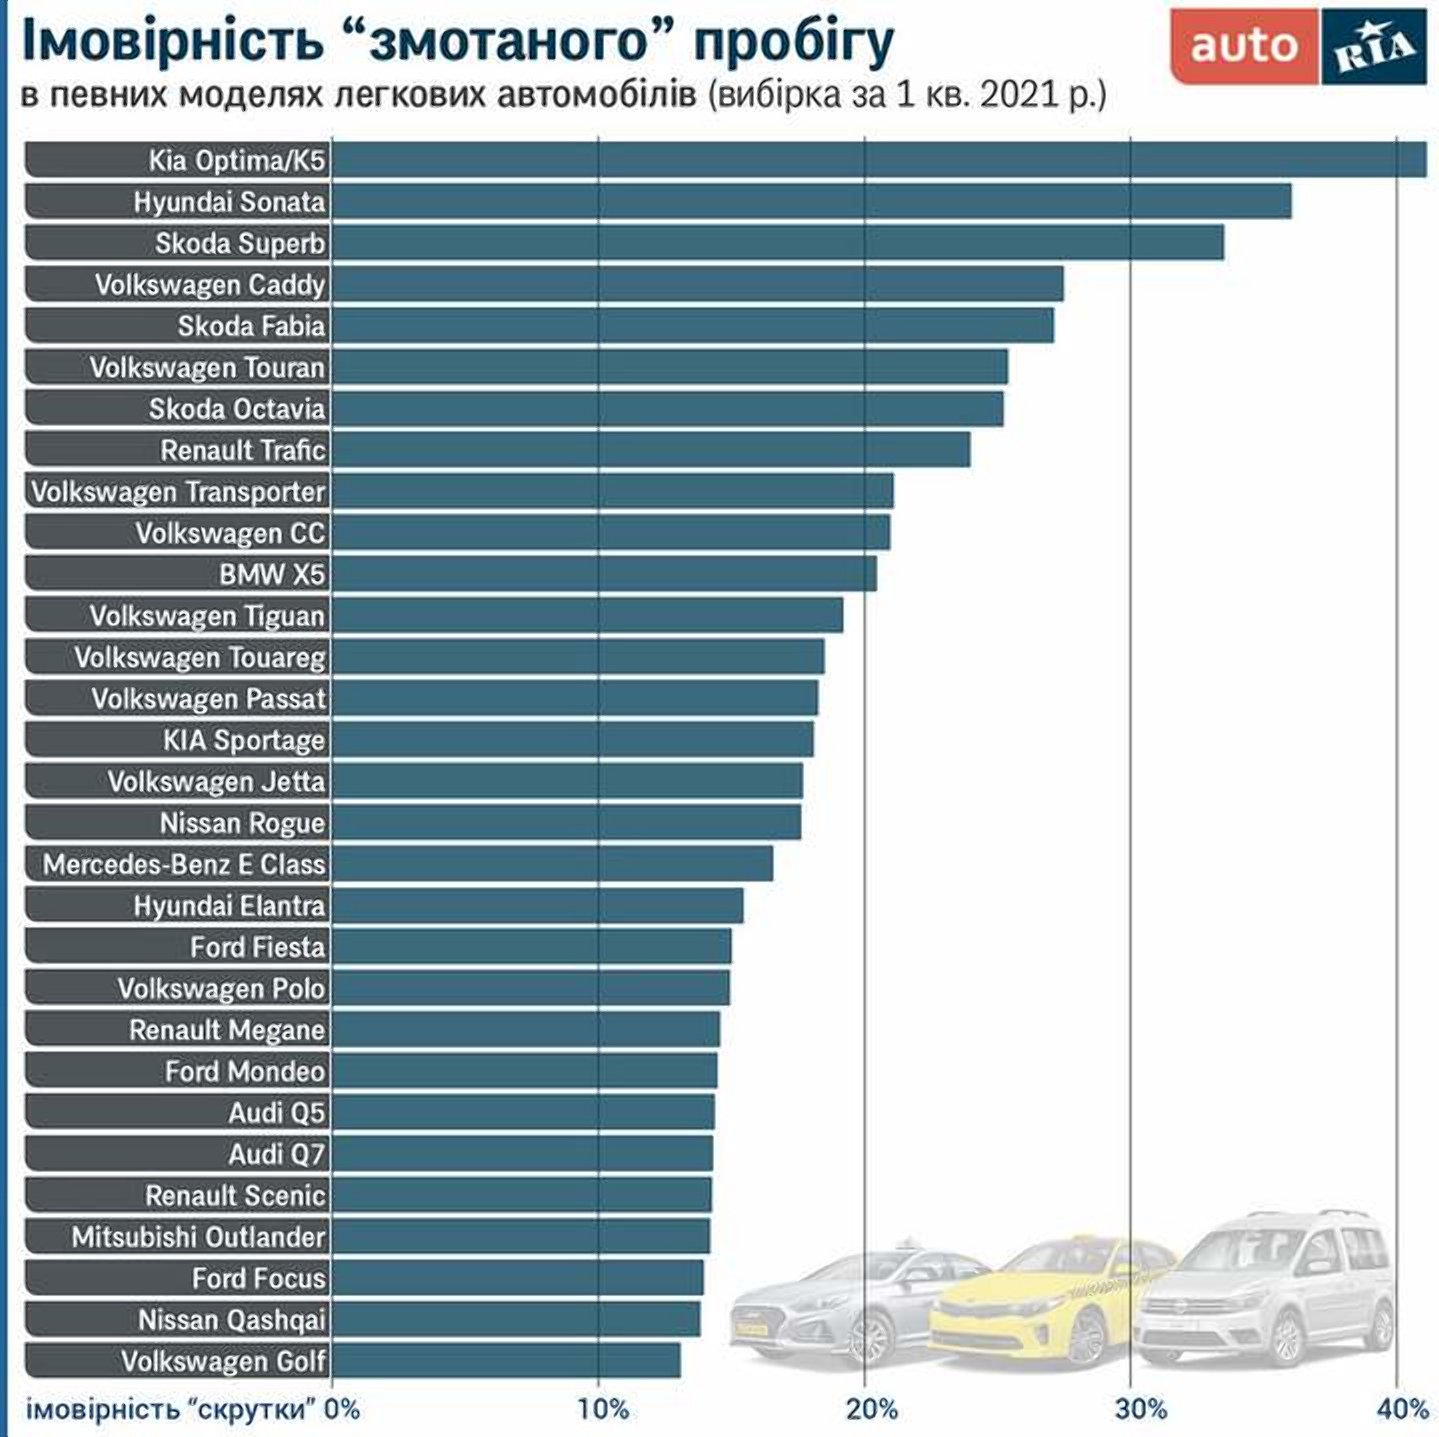 Названо автомобілі, у яких в Україні найчастіше скручують пробіг